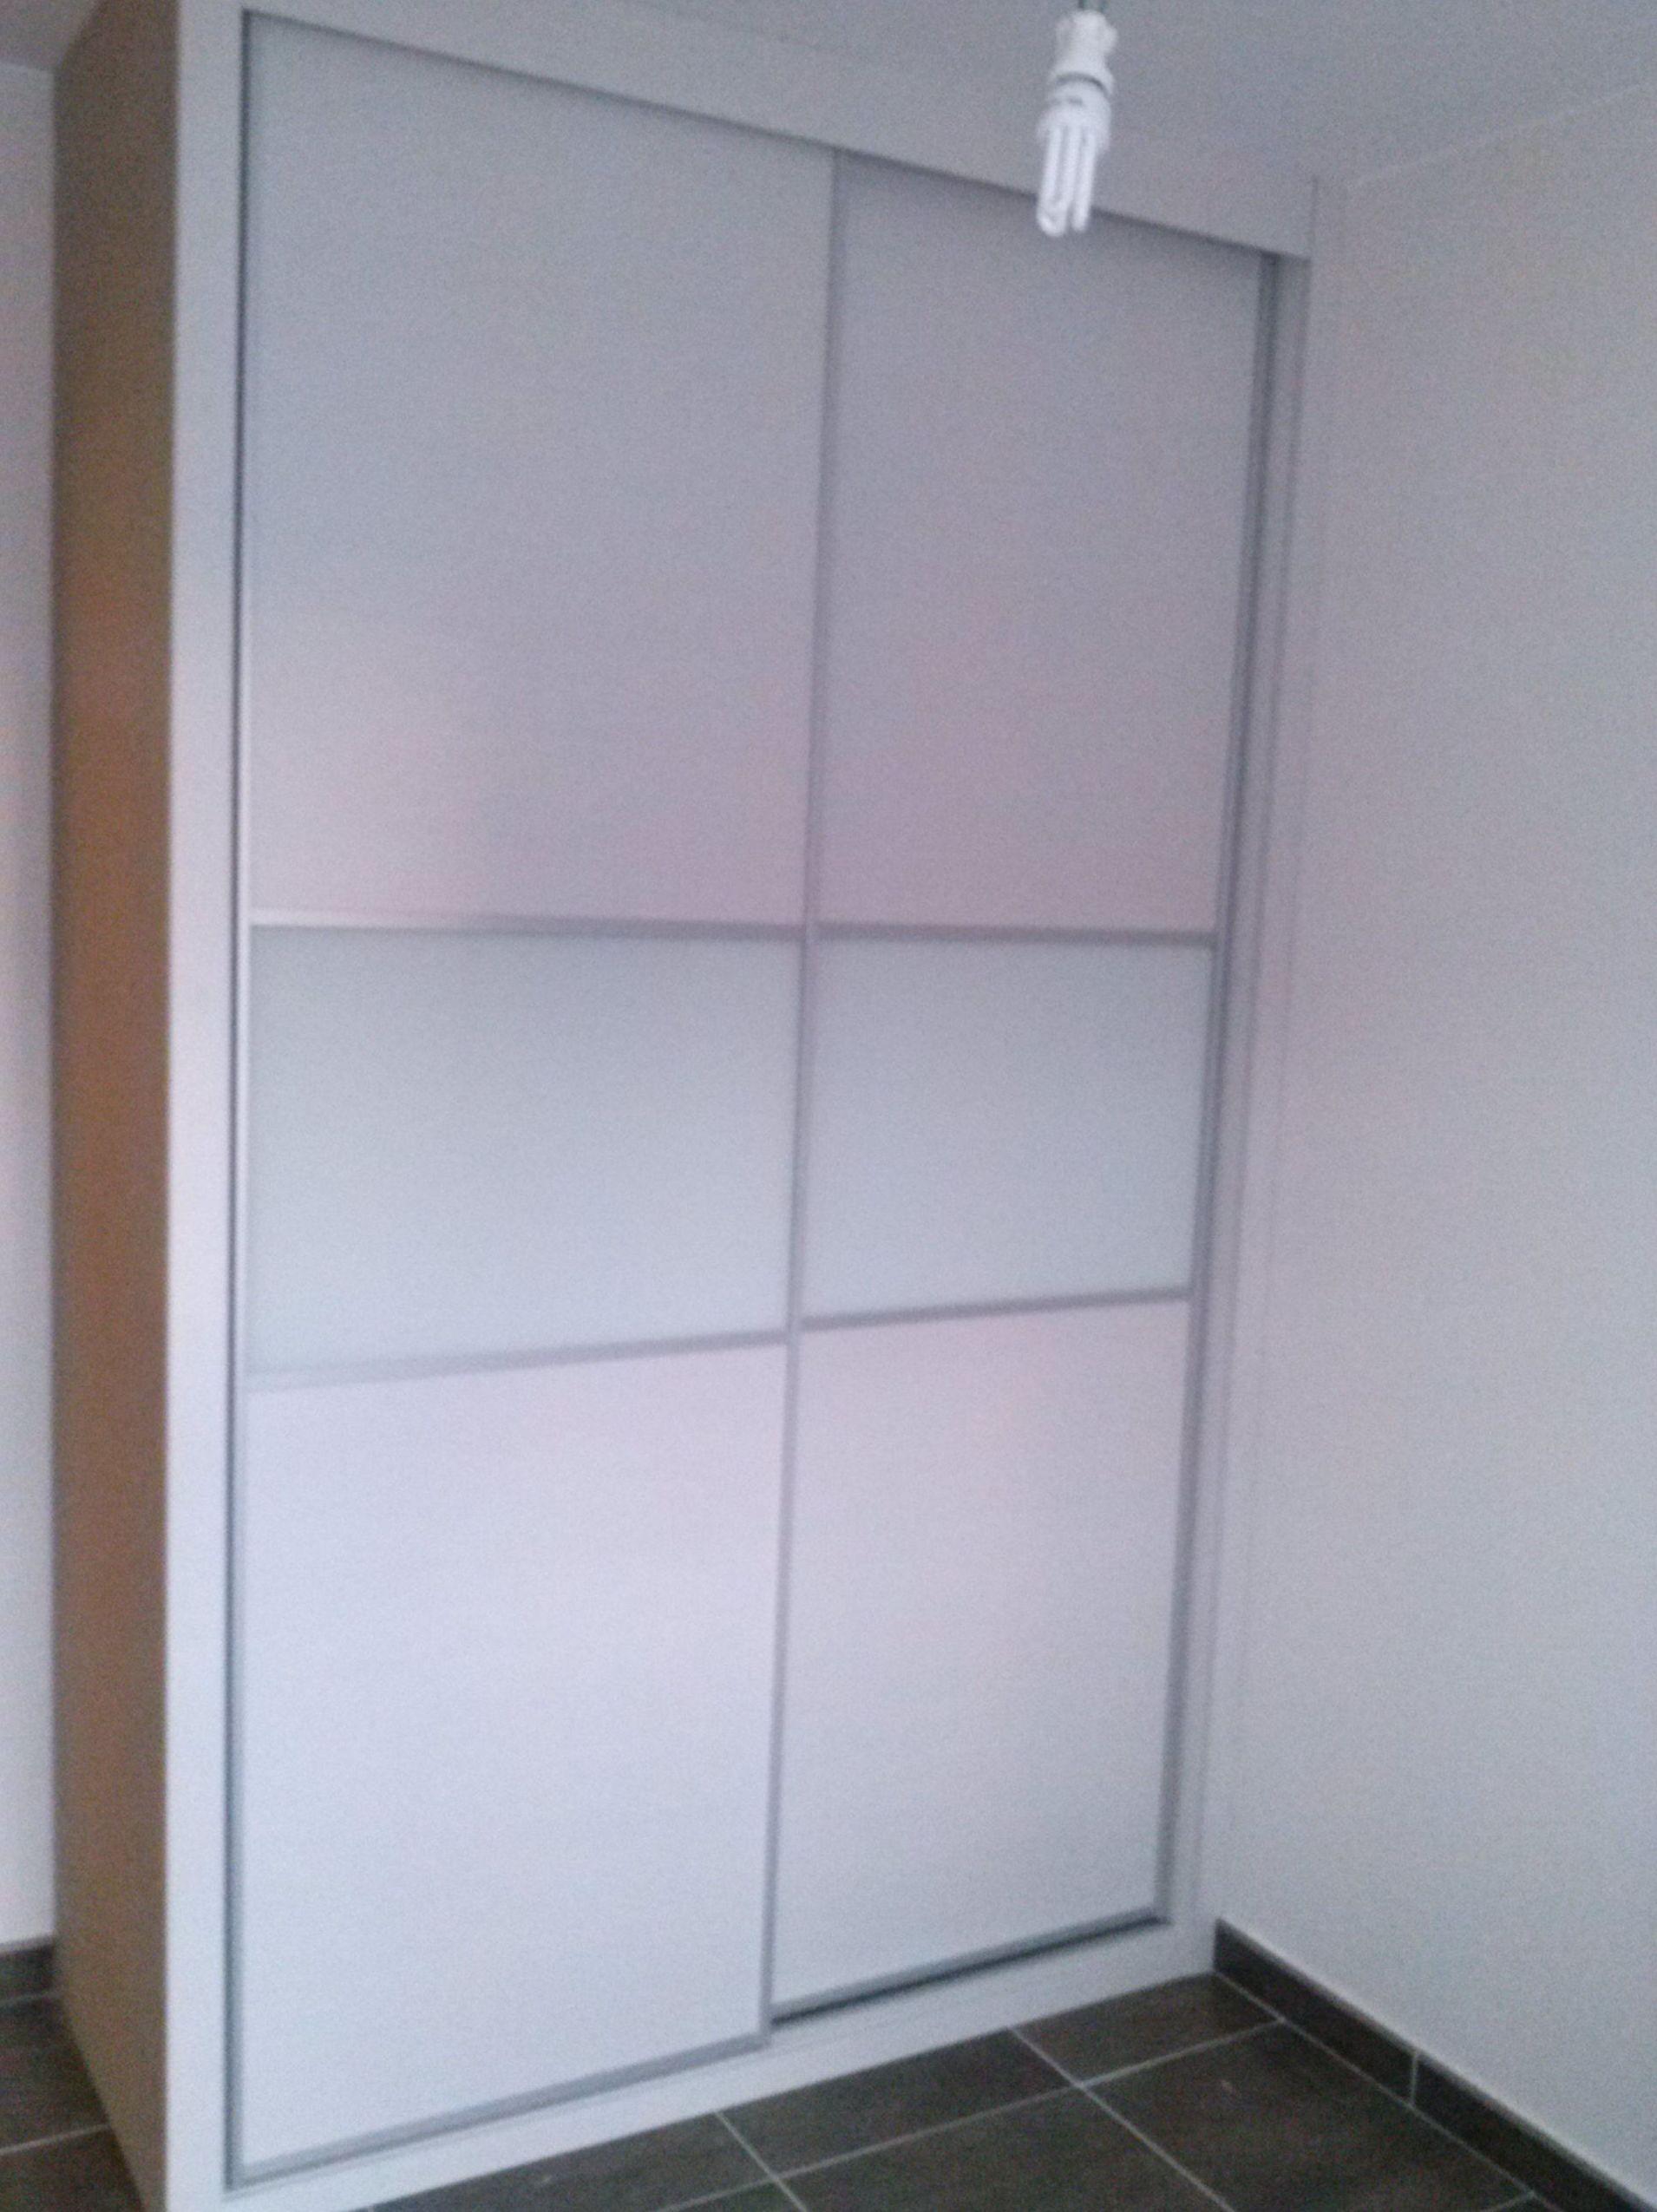 Armarios empotrados puertas correderas awesome armario - Armario blanco puertas correderas ...